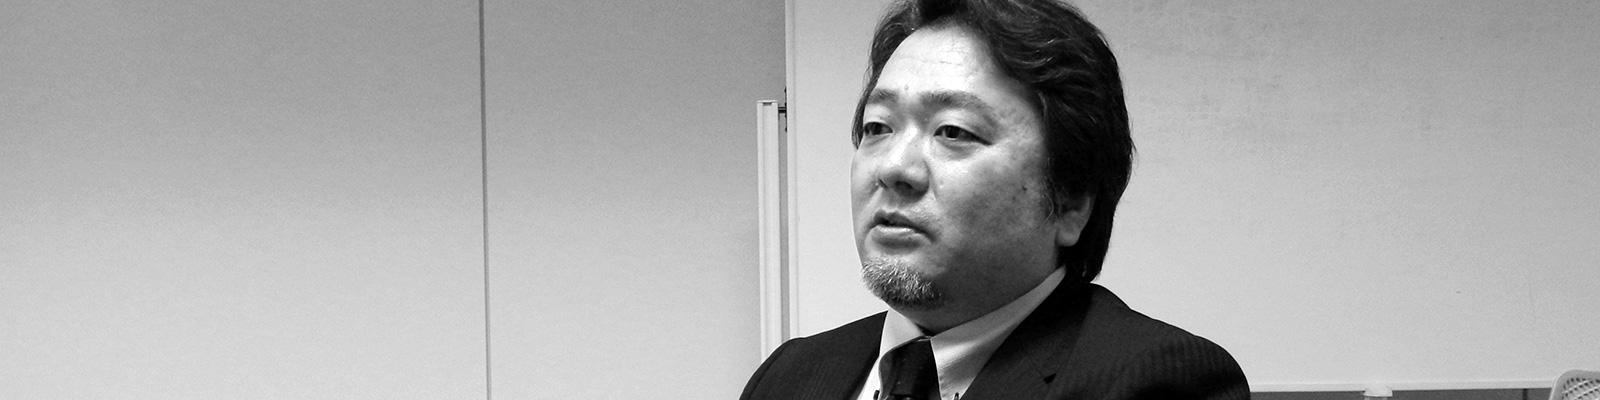 株式会社ウフル IoT事業推進部長 杉山恒司氏